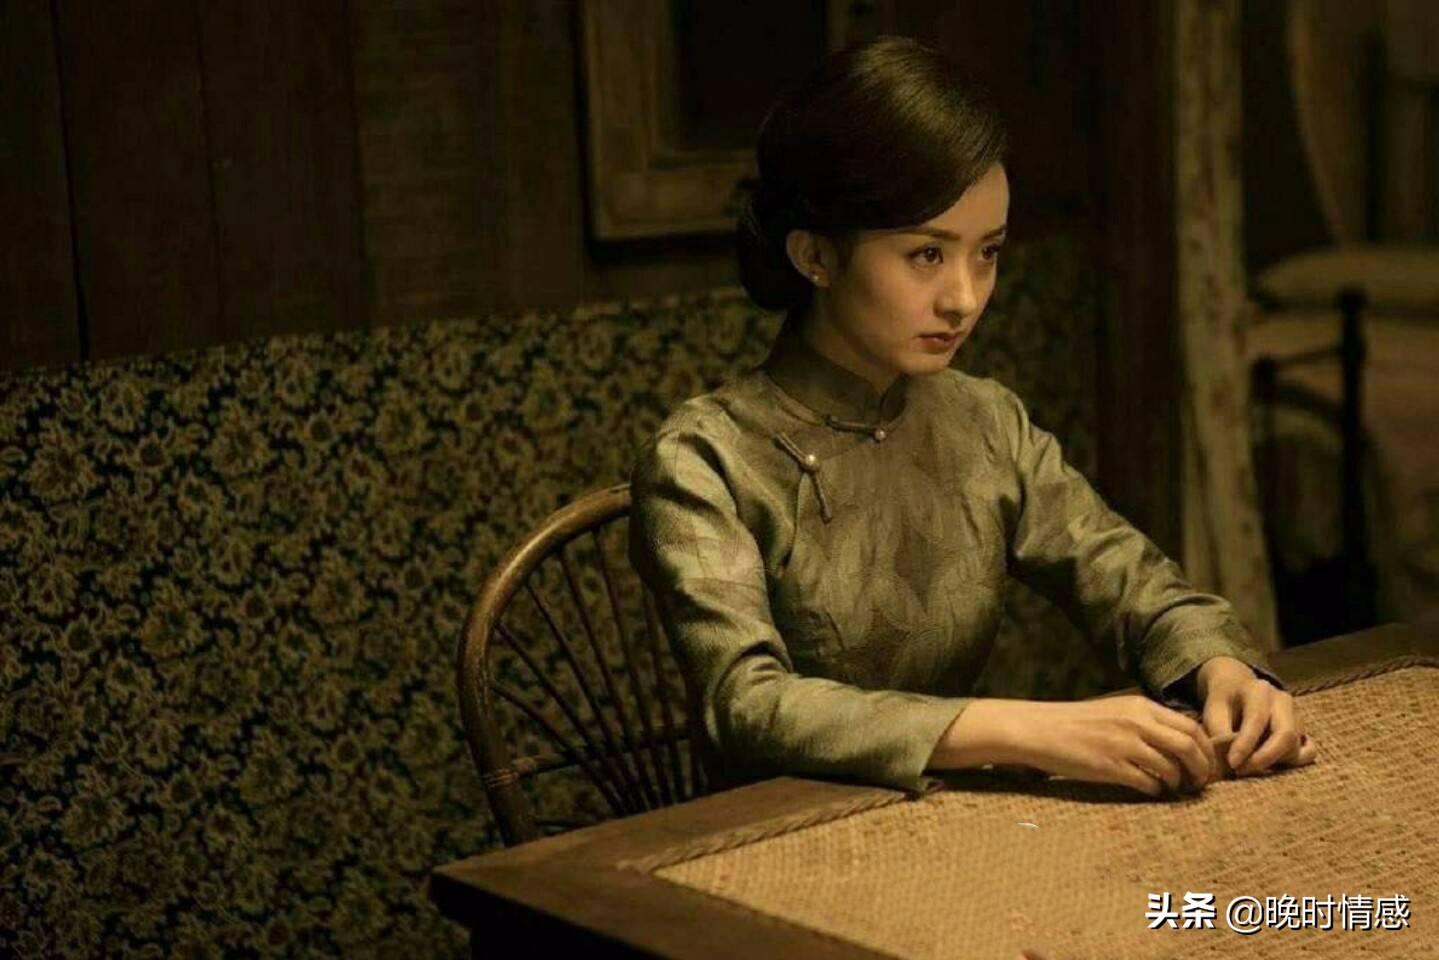 张雨绮撩头纱美上热搜:谁说我们就是肤浅到喜欢一副美丽的皮囊?